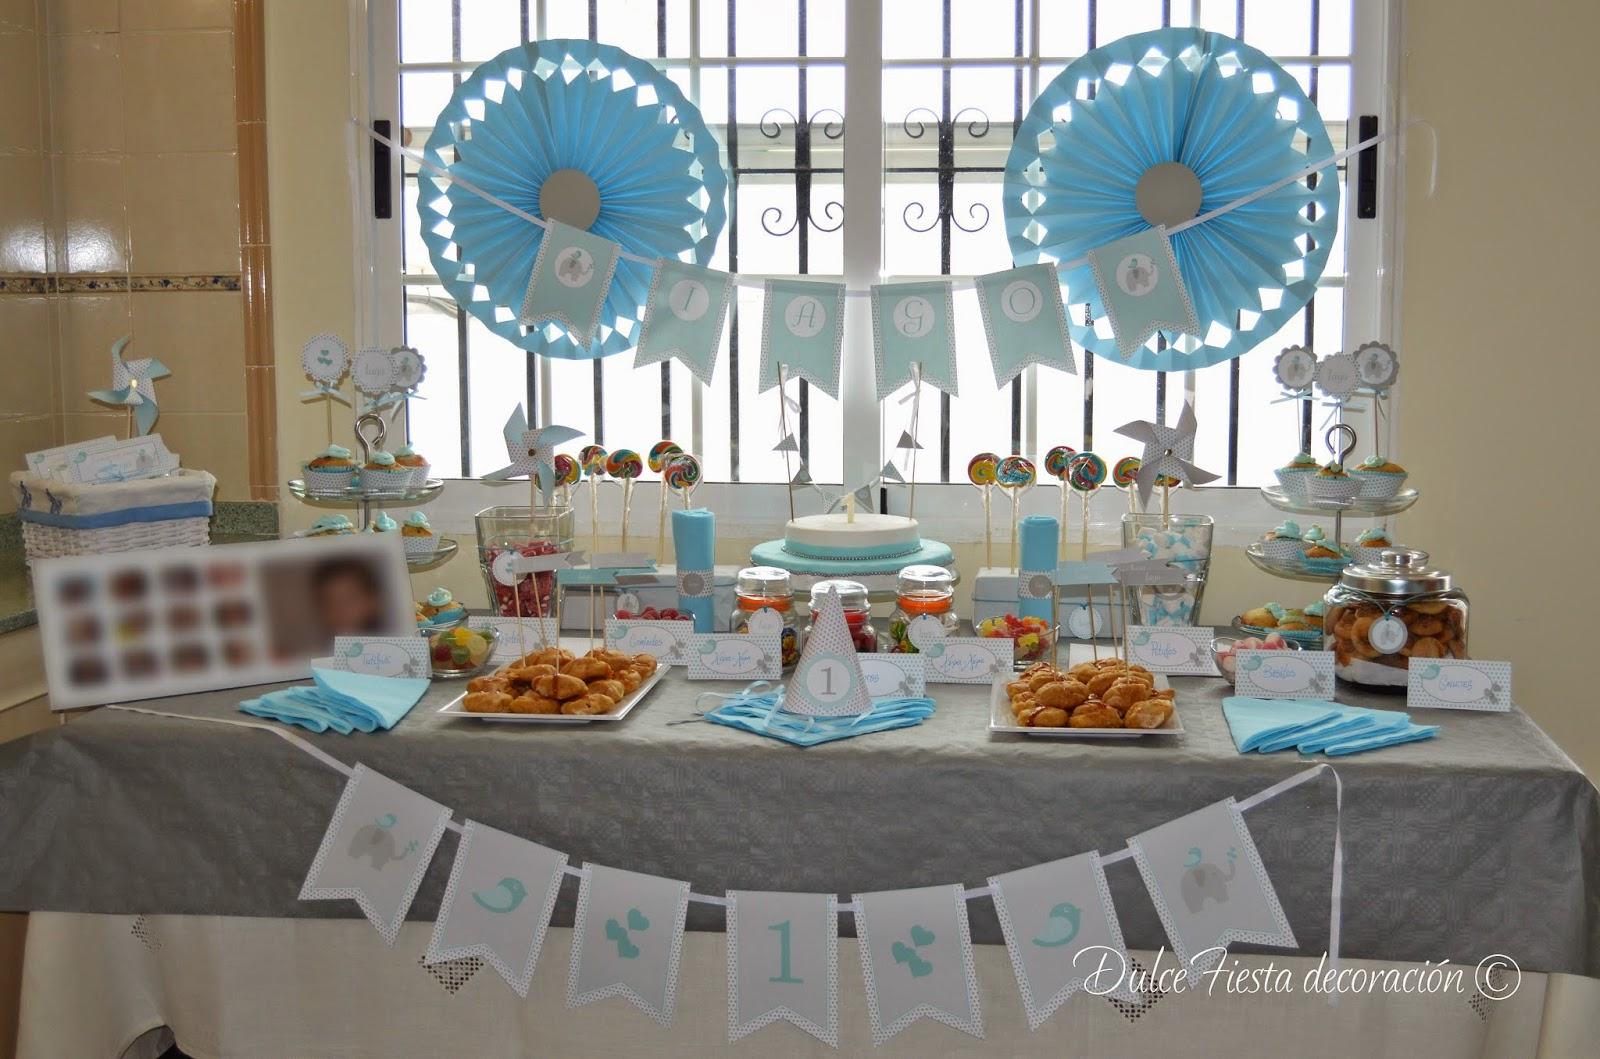 Dise o y decoraci n personalizada para eventos mesa dulce - Decoracion mesa cumpleanos ...